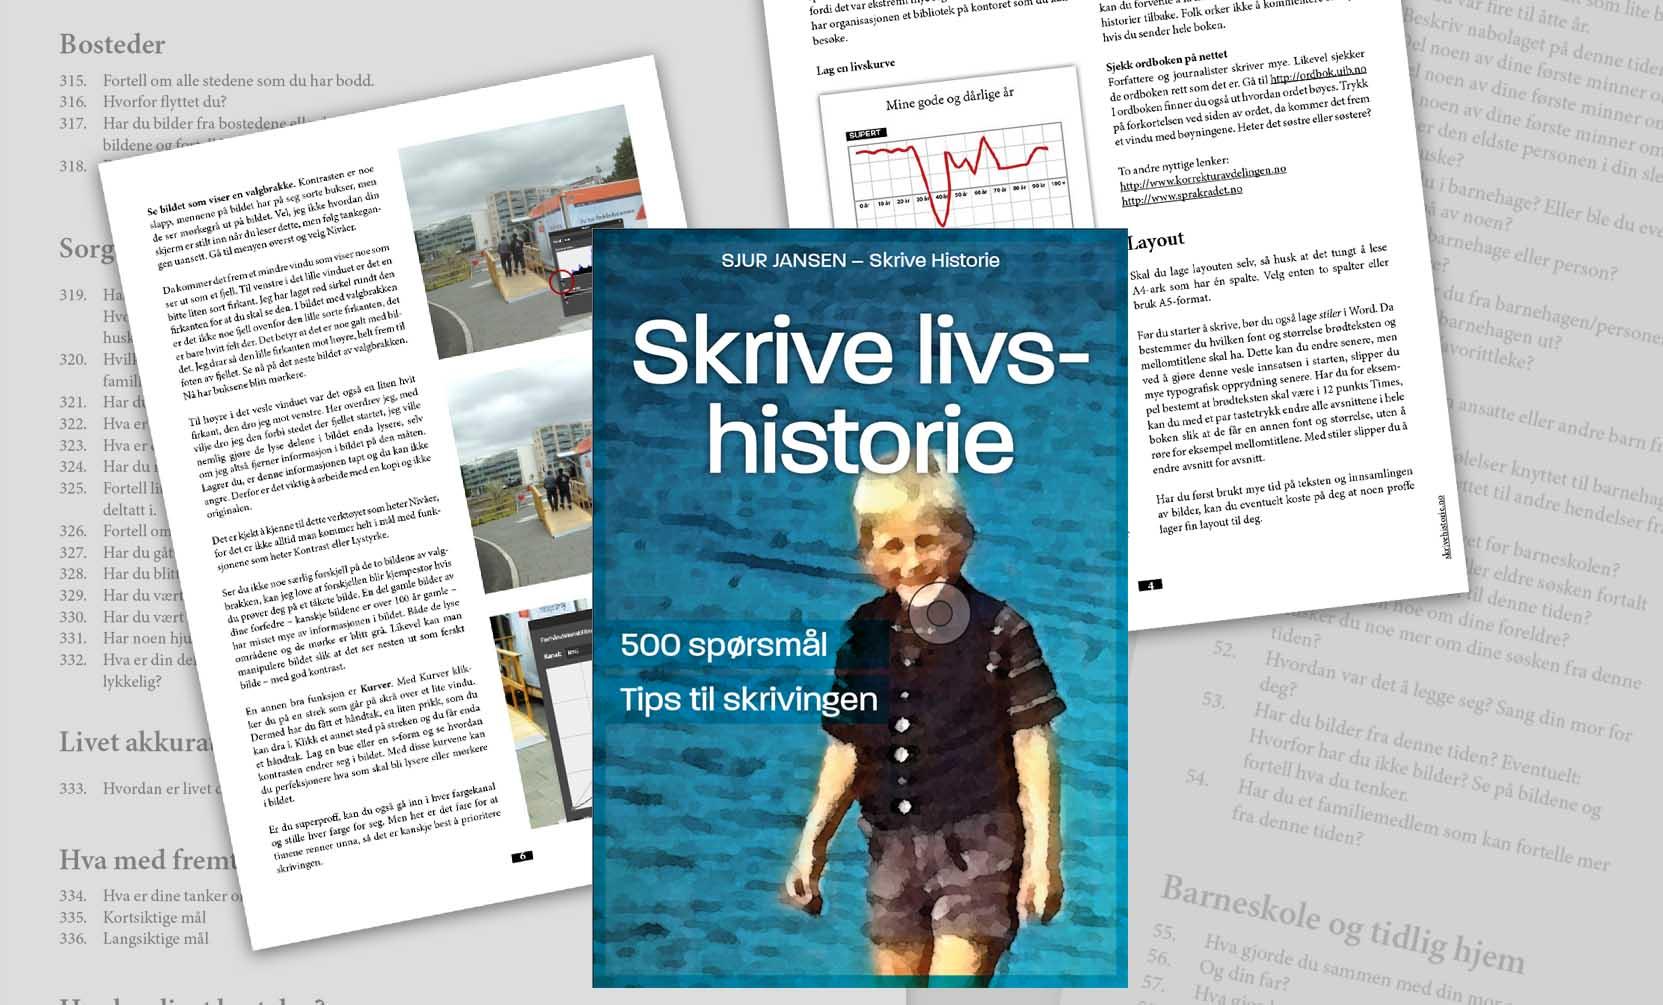 Omslaget til en bok. En gutt i kortbukse på omslaget. Også noen faksimiler av sidene i boken.